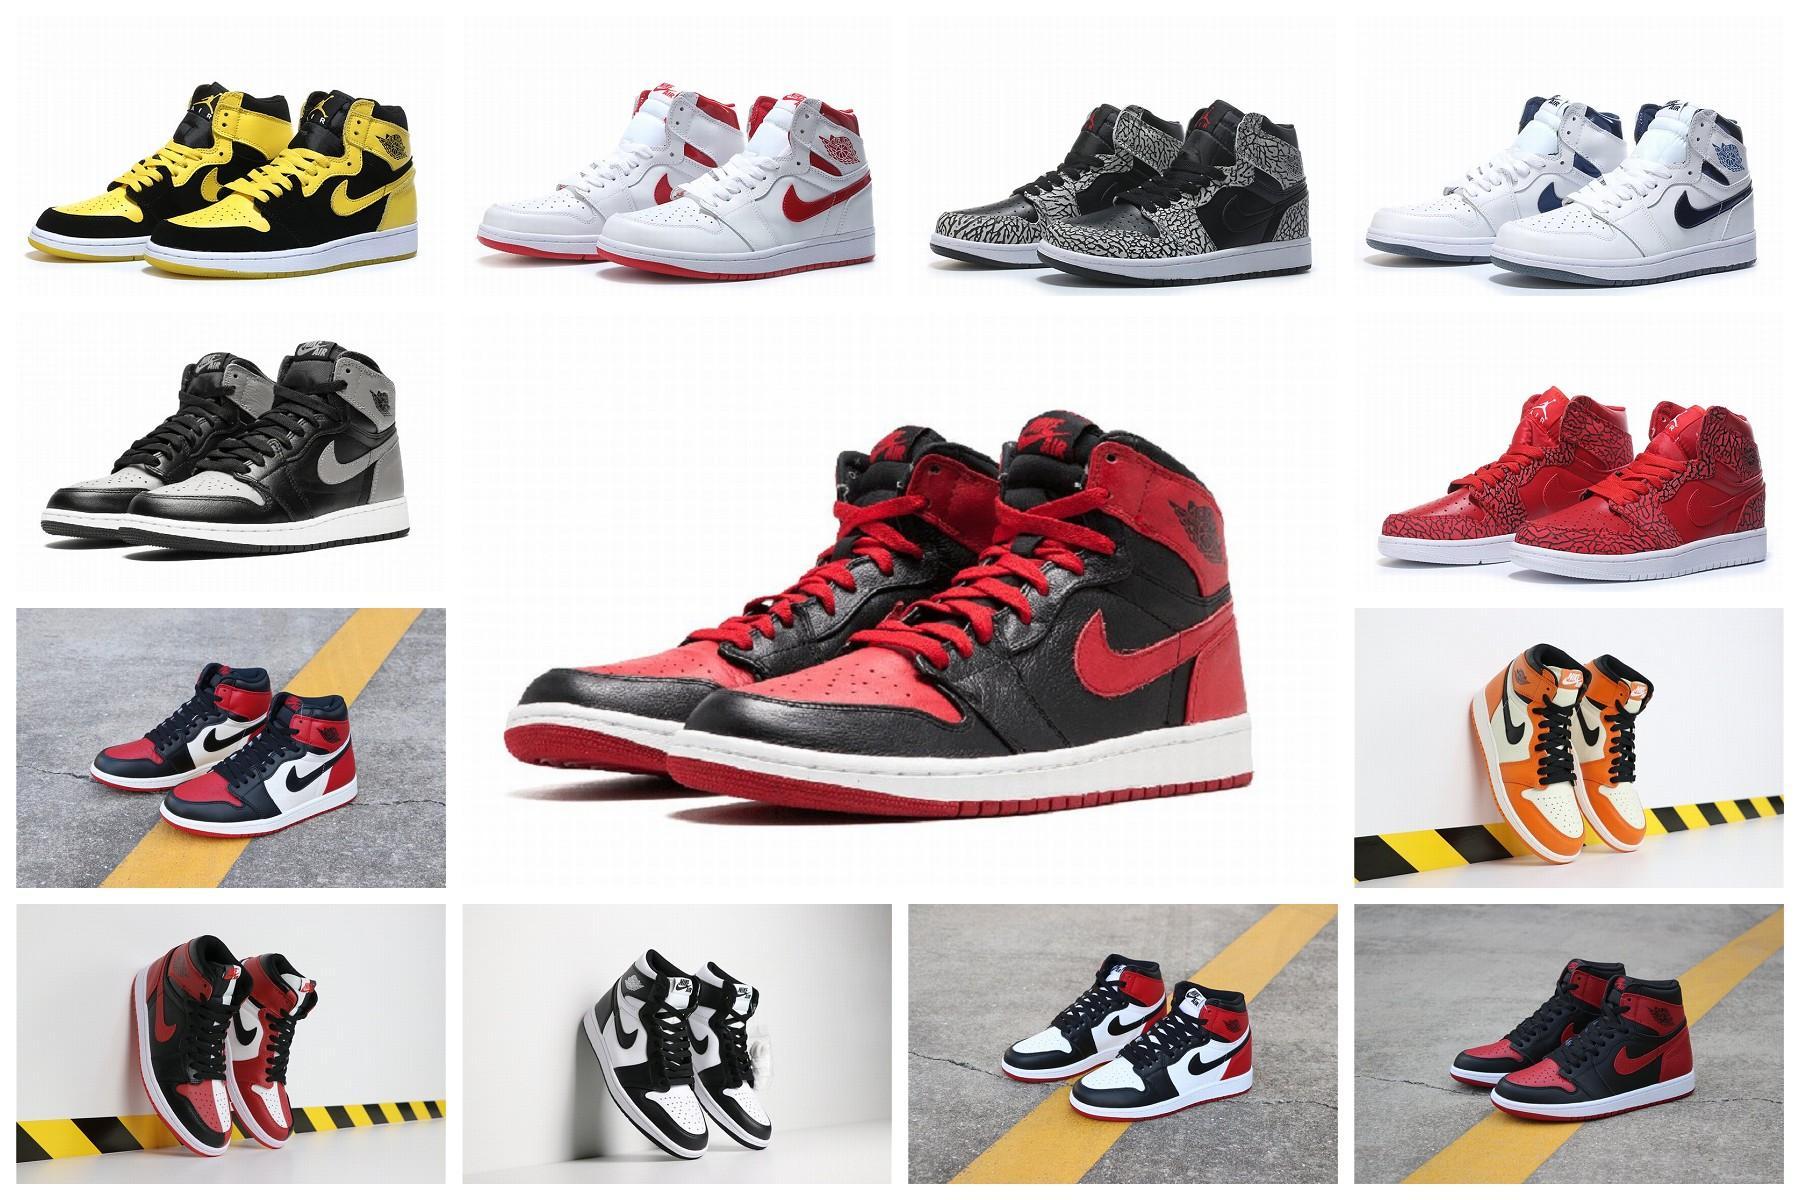 2020 AJ1 uomini di alta scarpe da basket TOP 3 Chameleon 1S Toe Nero Banned Berd Outdoor sport del Mens Sneakers Trainers AJ1 40-46